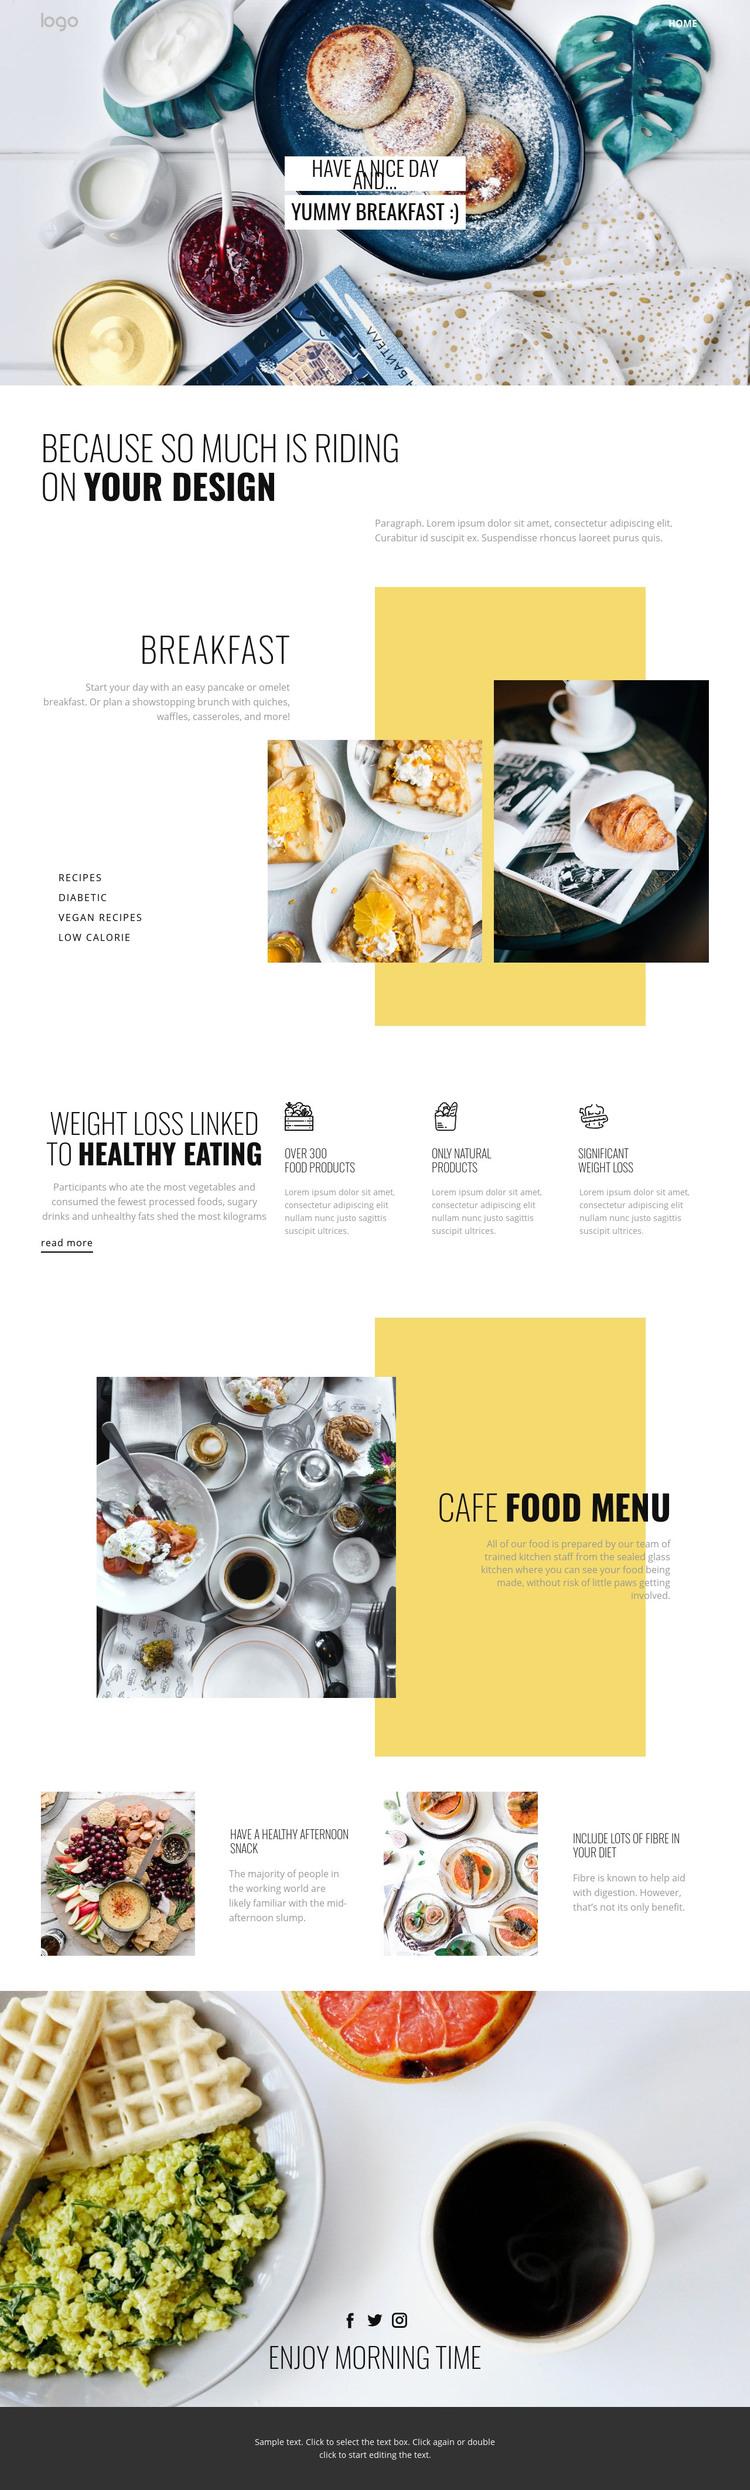 Healthy way of eating food Homepage Design